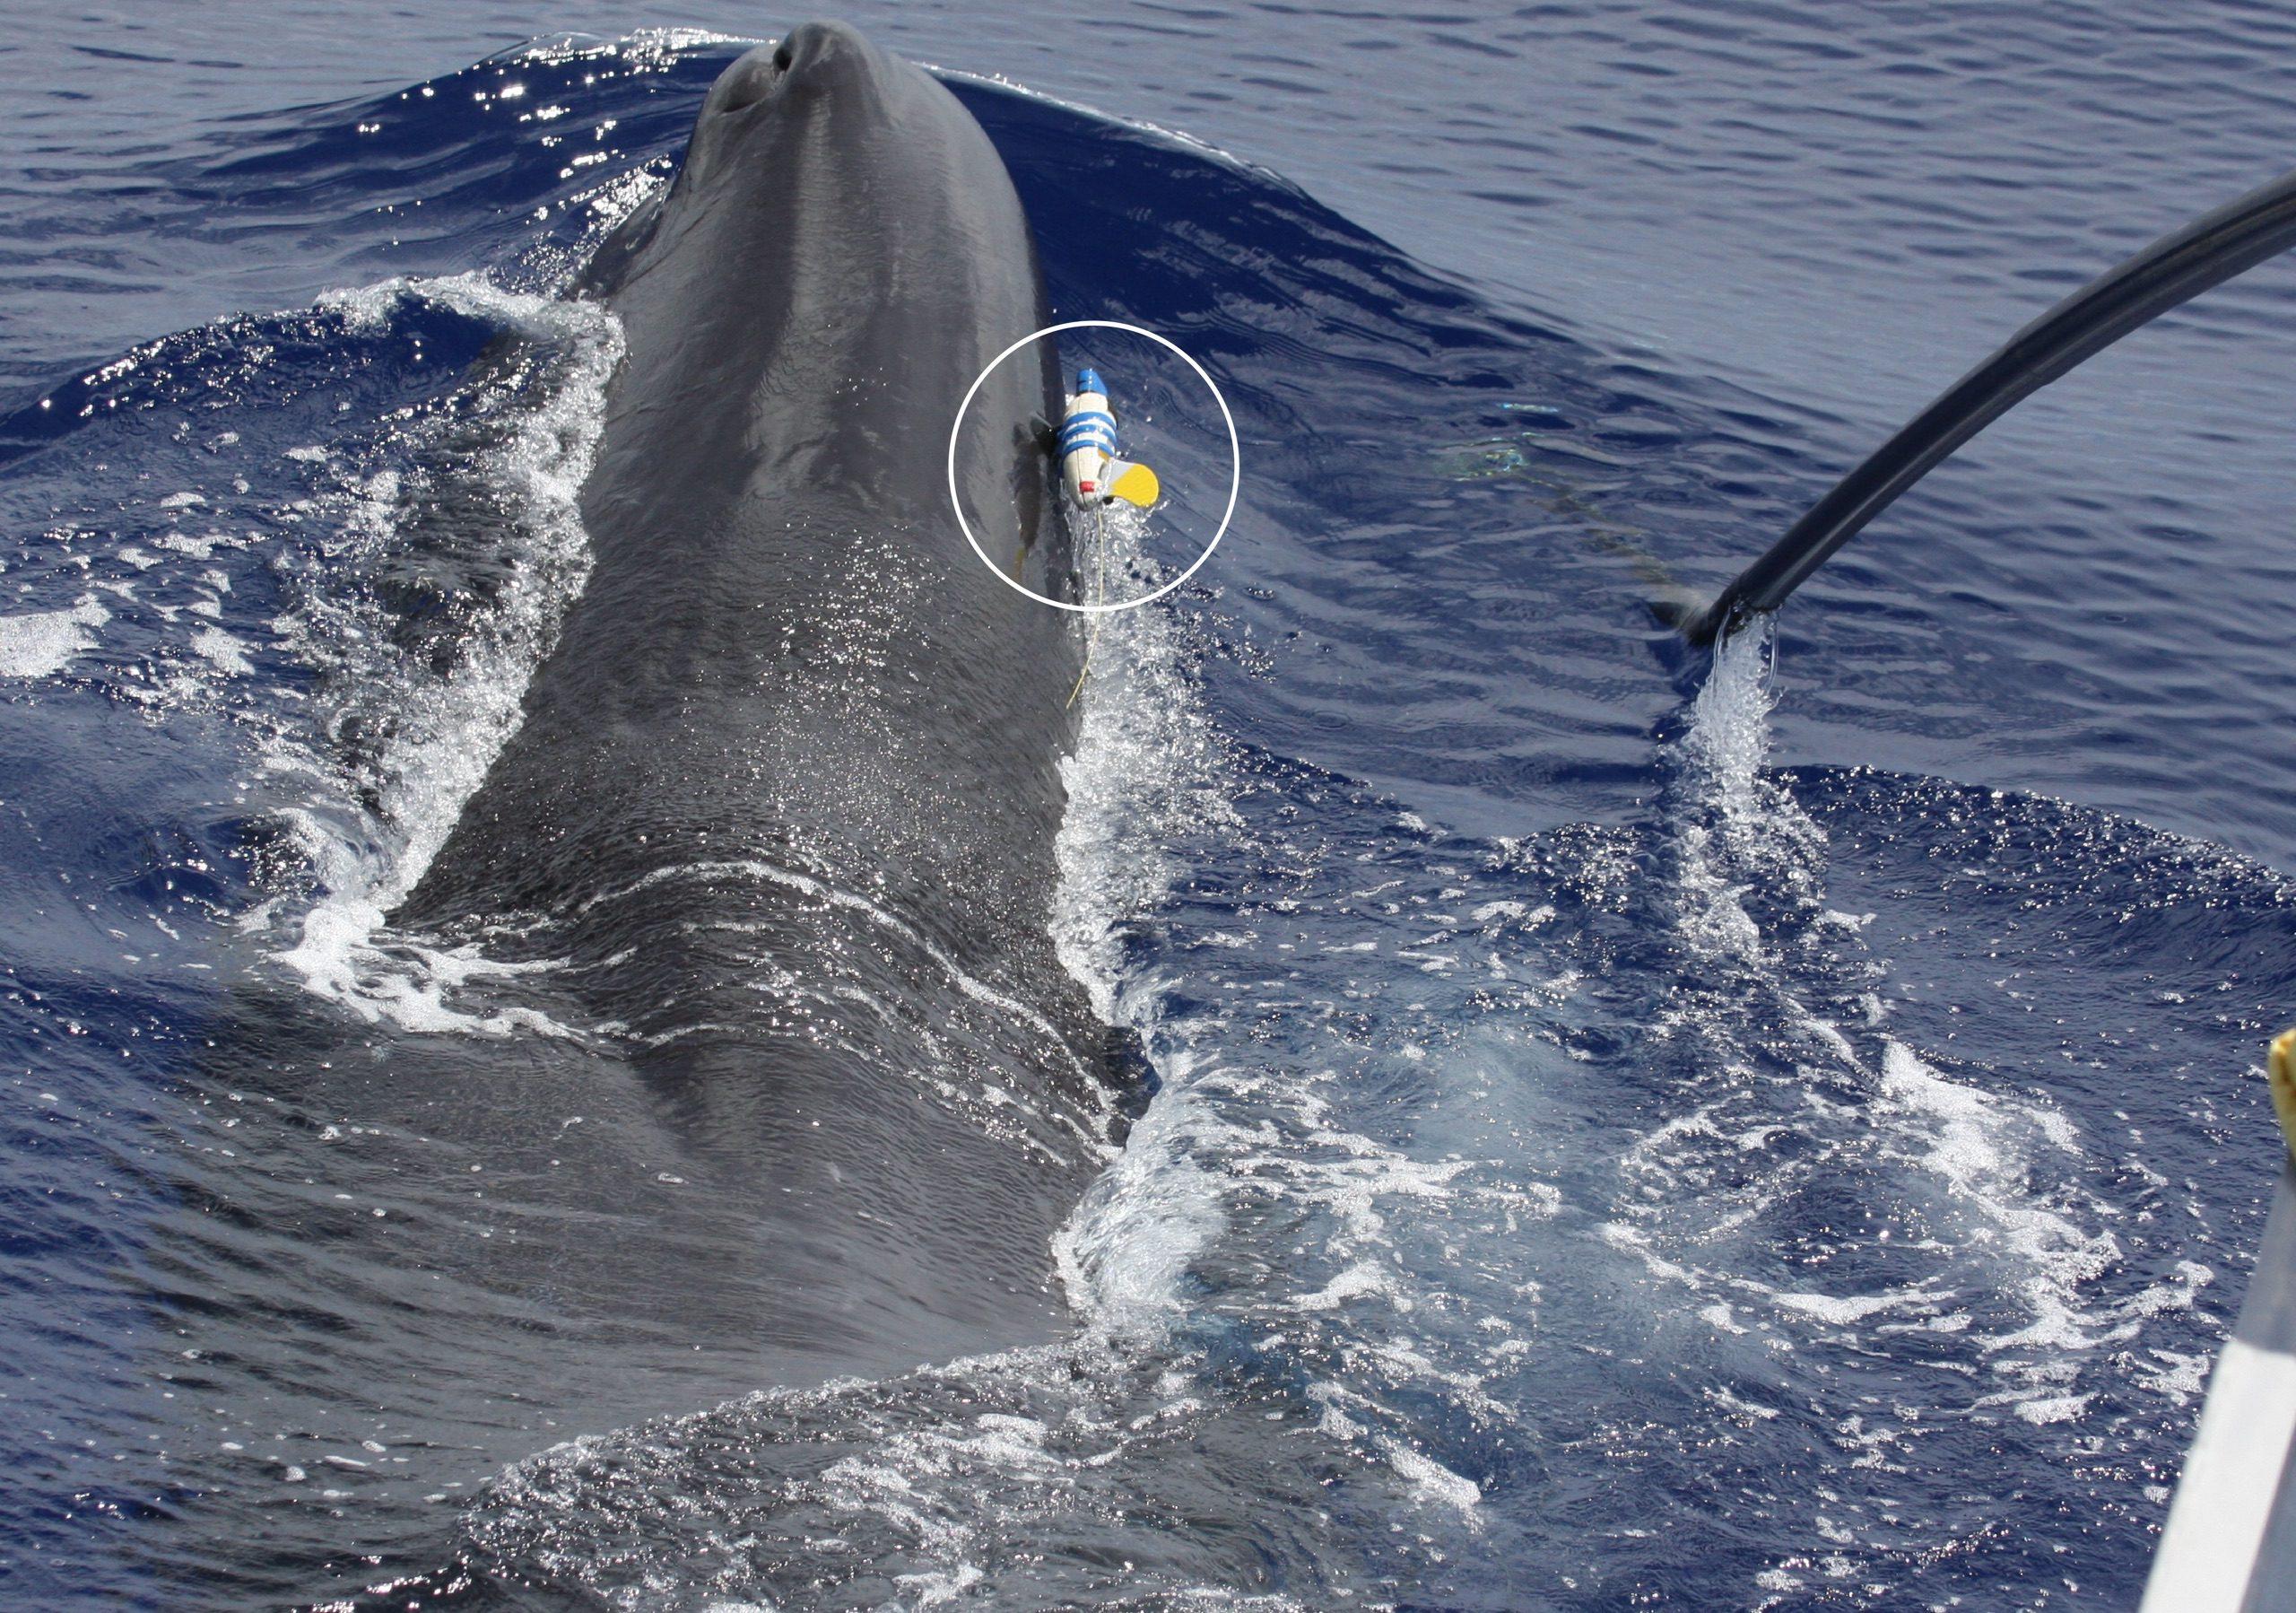 深海でダッシュするマッコウクジラ